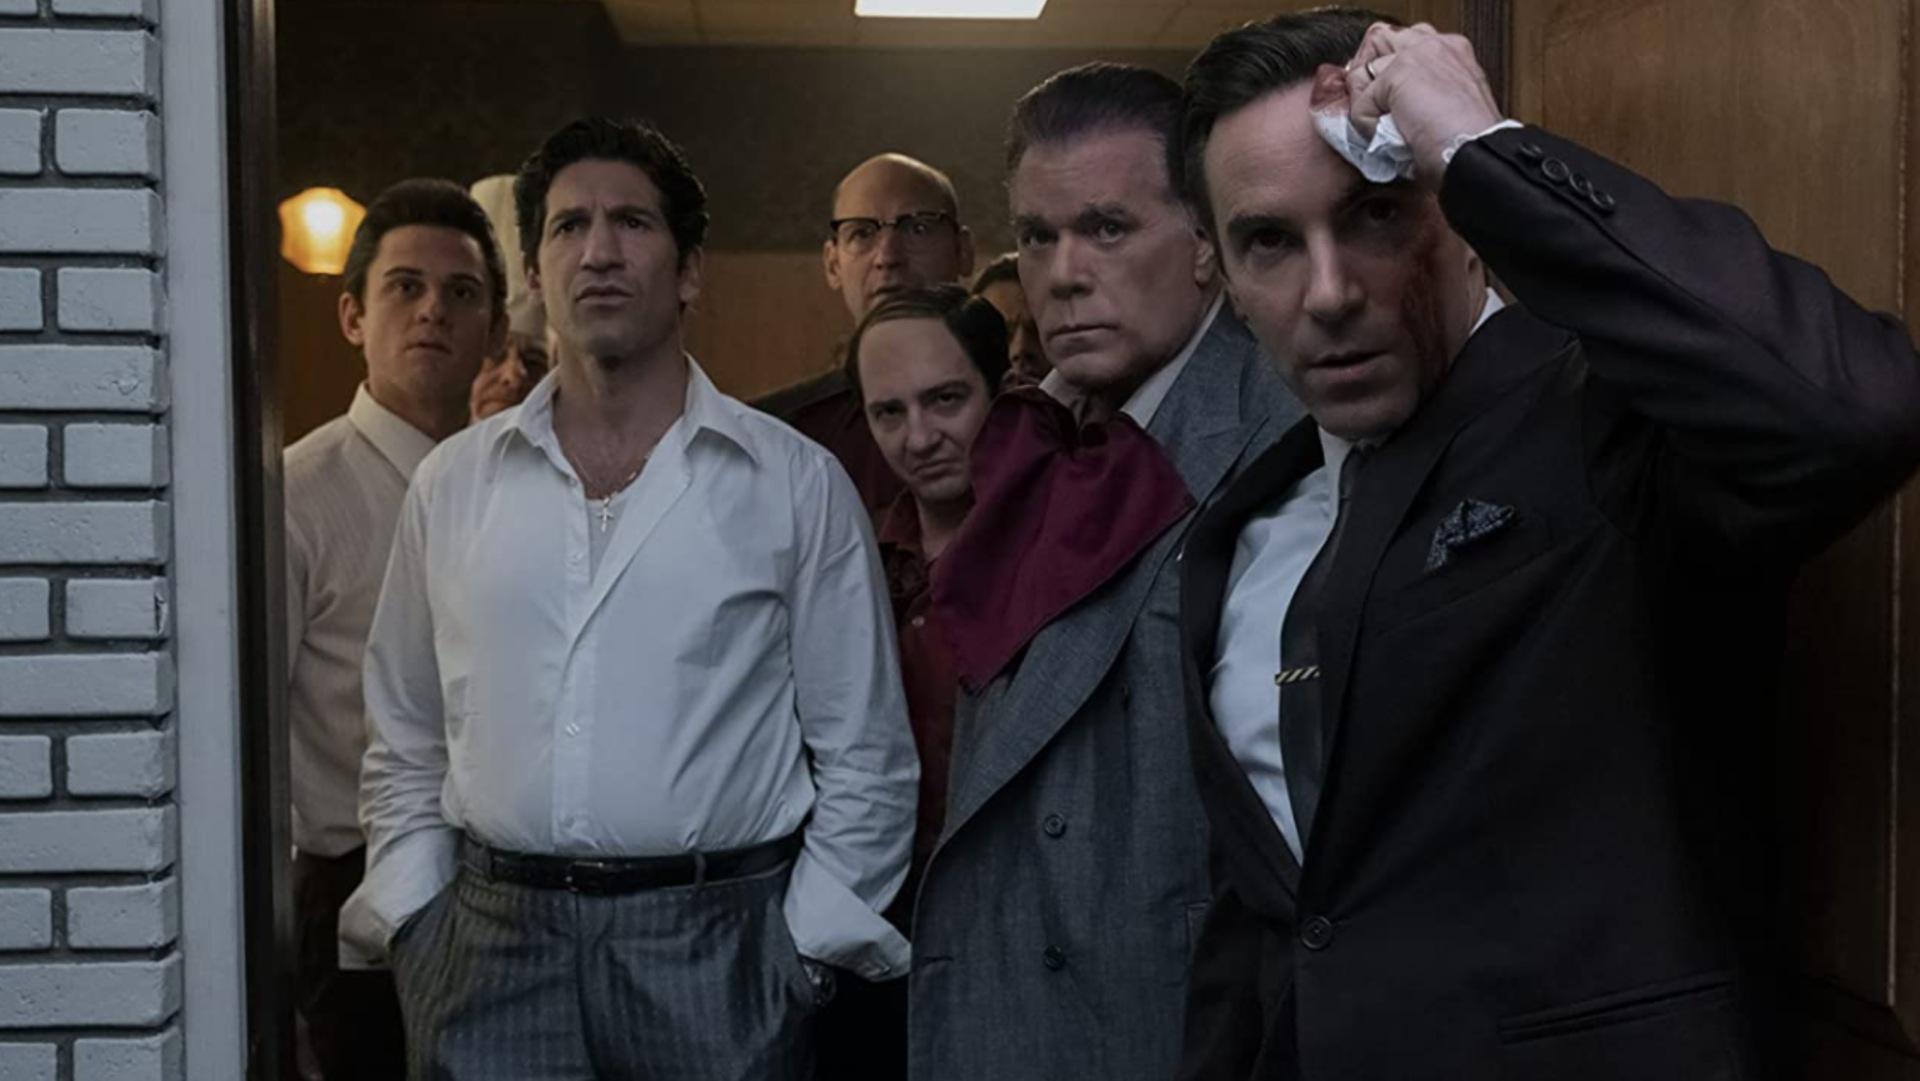 The Many Saints of Newark Trailer: See Tony Soprano's Vicious Origin Story